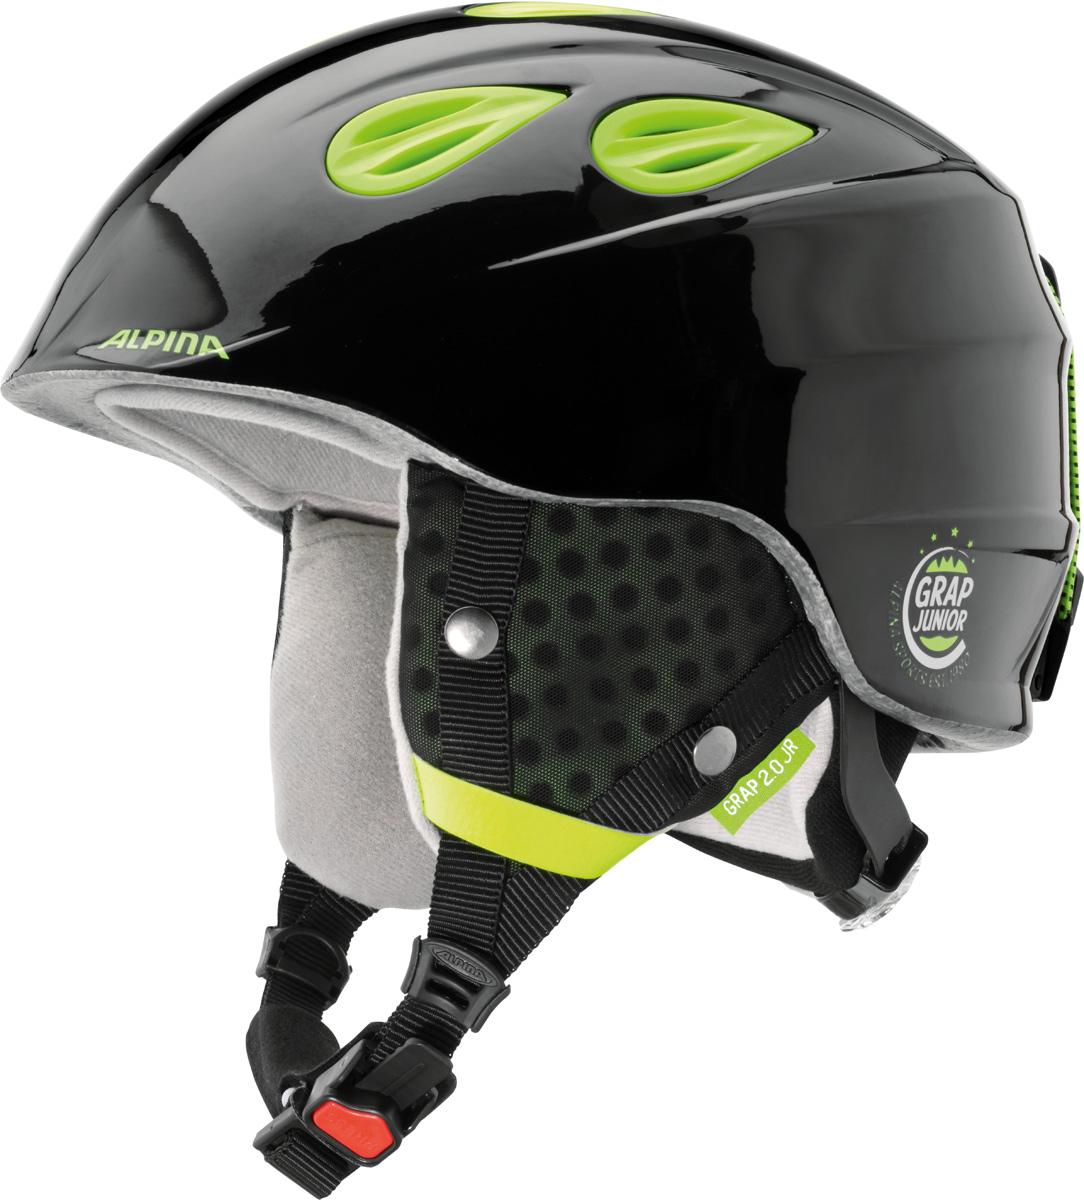 """Шлем горнолыжный Alpina """"Grap 2.0 JR"""", цвет: черный, желтый. A9086_35. Размер 54-57"""